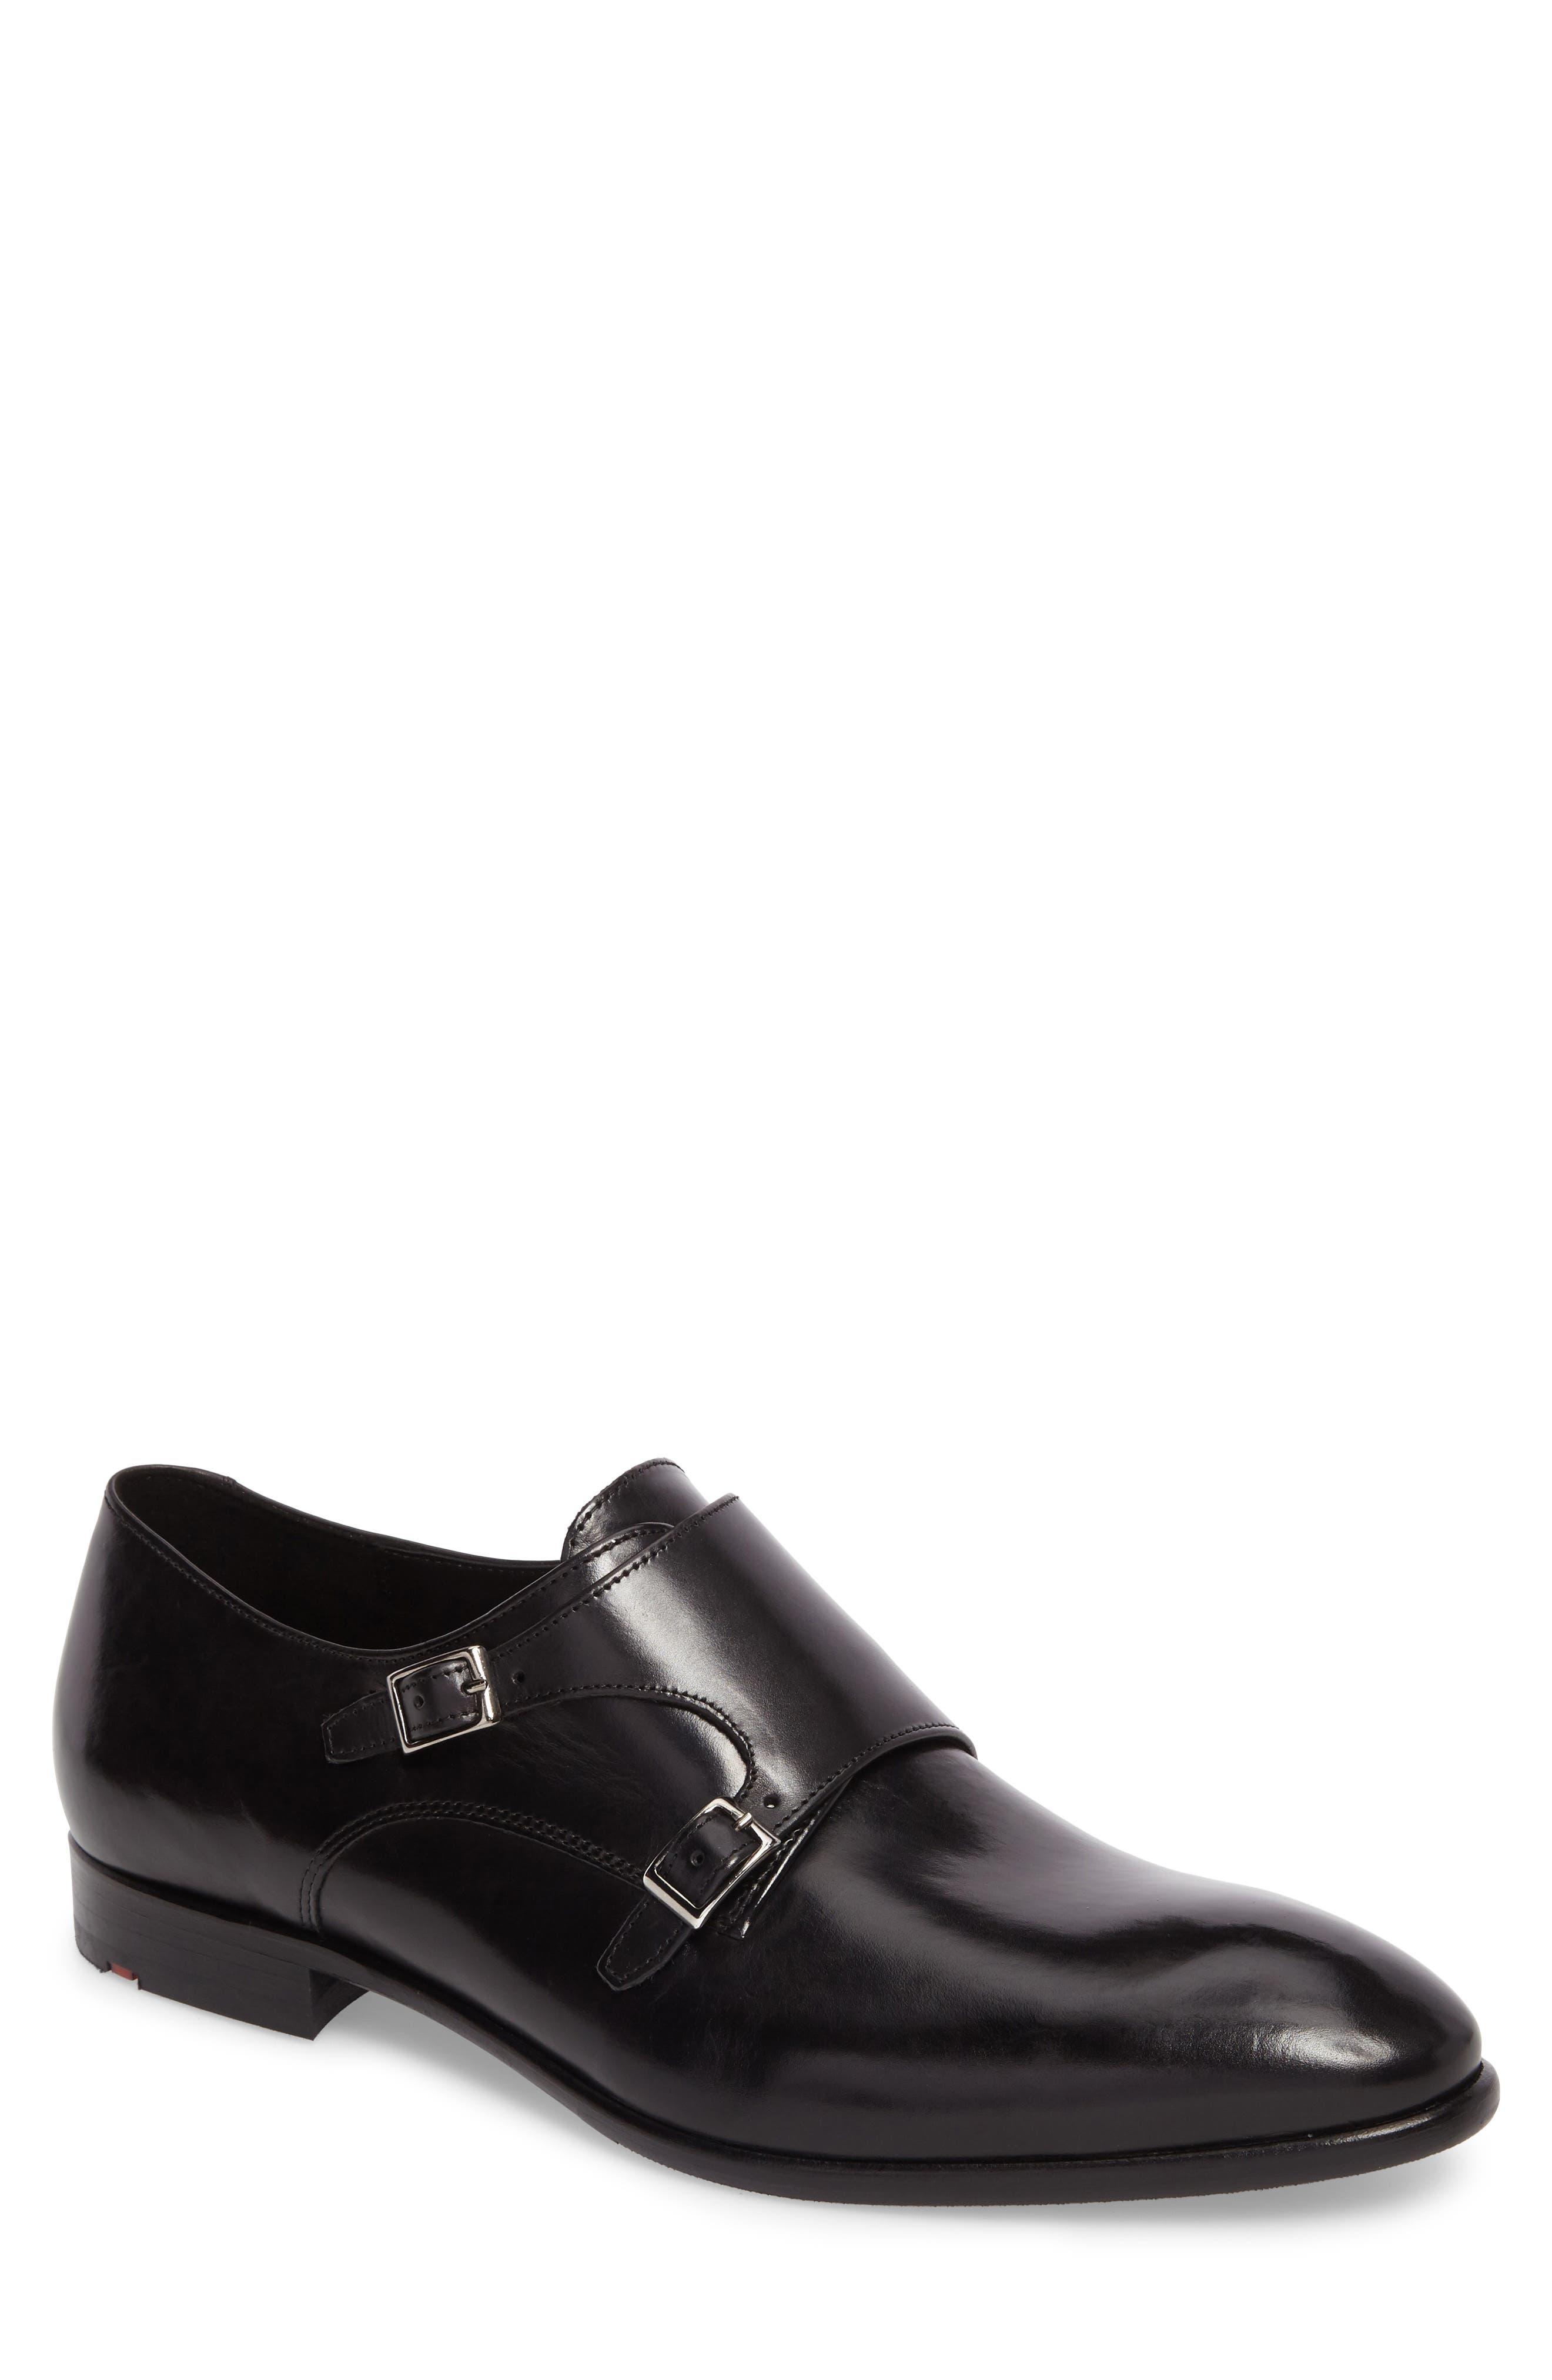 Michael Double Monk Strap Shoe,                             Main thumbnail 1, color,                             BLACK LEATHER